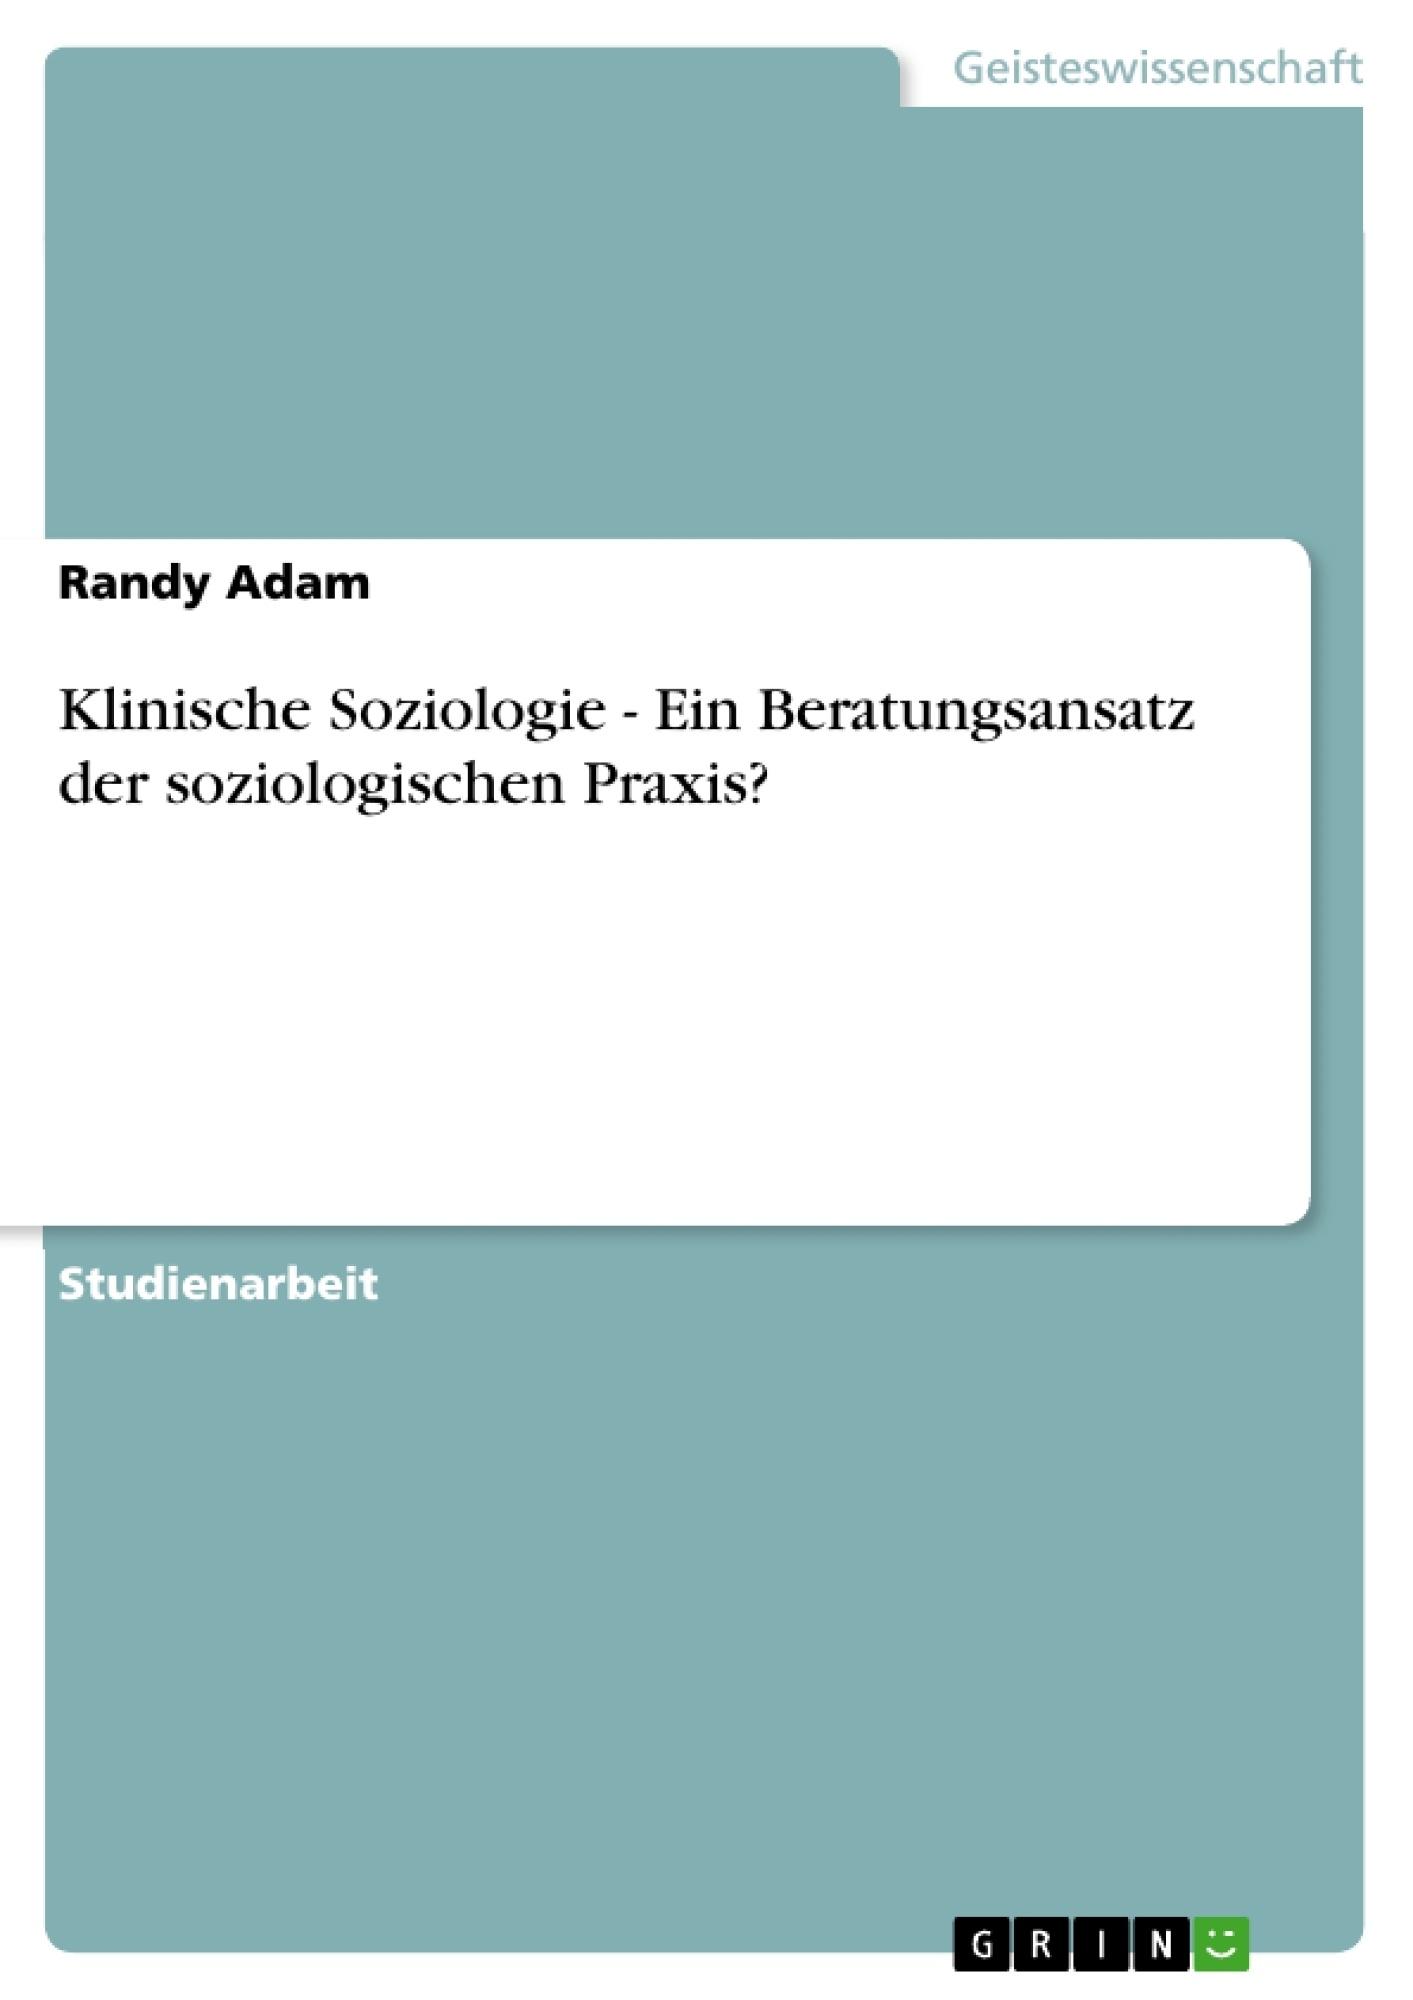 Titel: Klinische Soziologie - Ein Beratungsansatz der soziologischen Praxis?